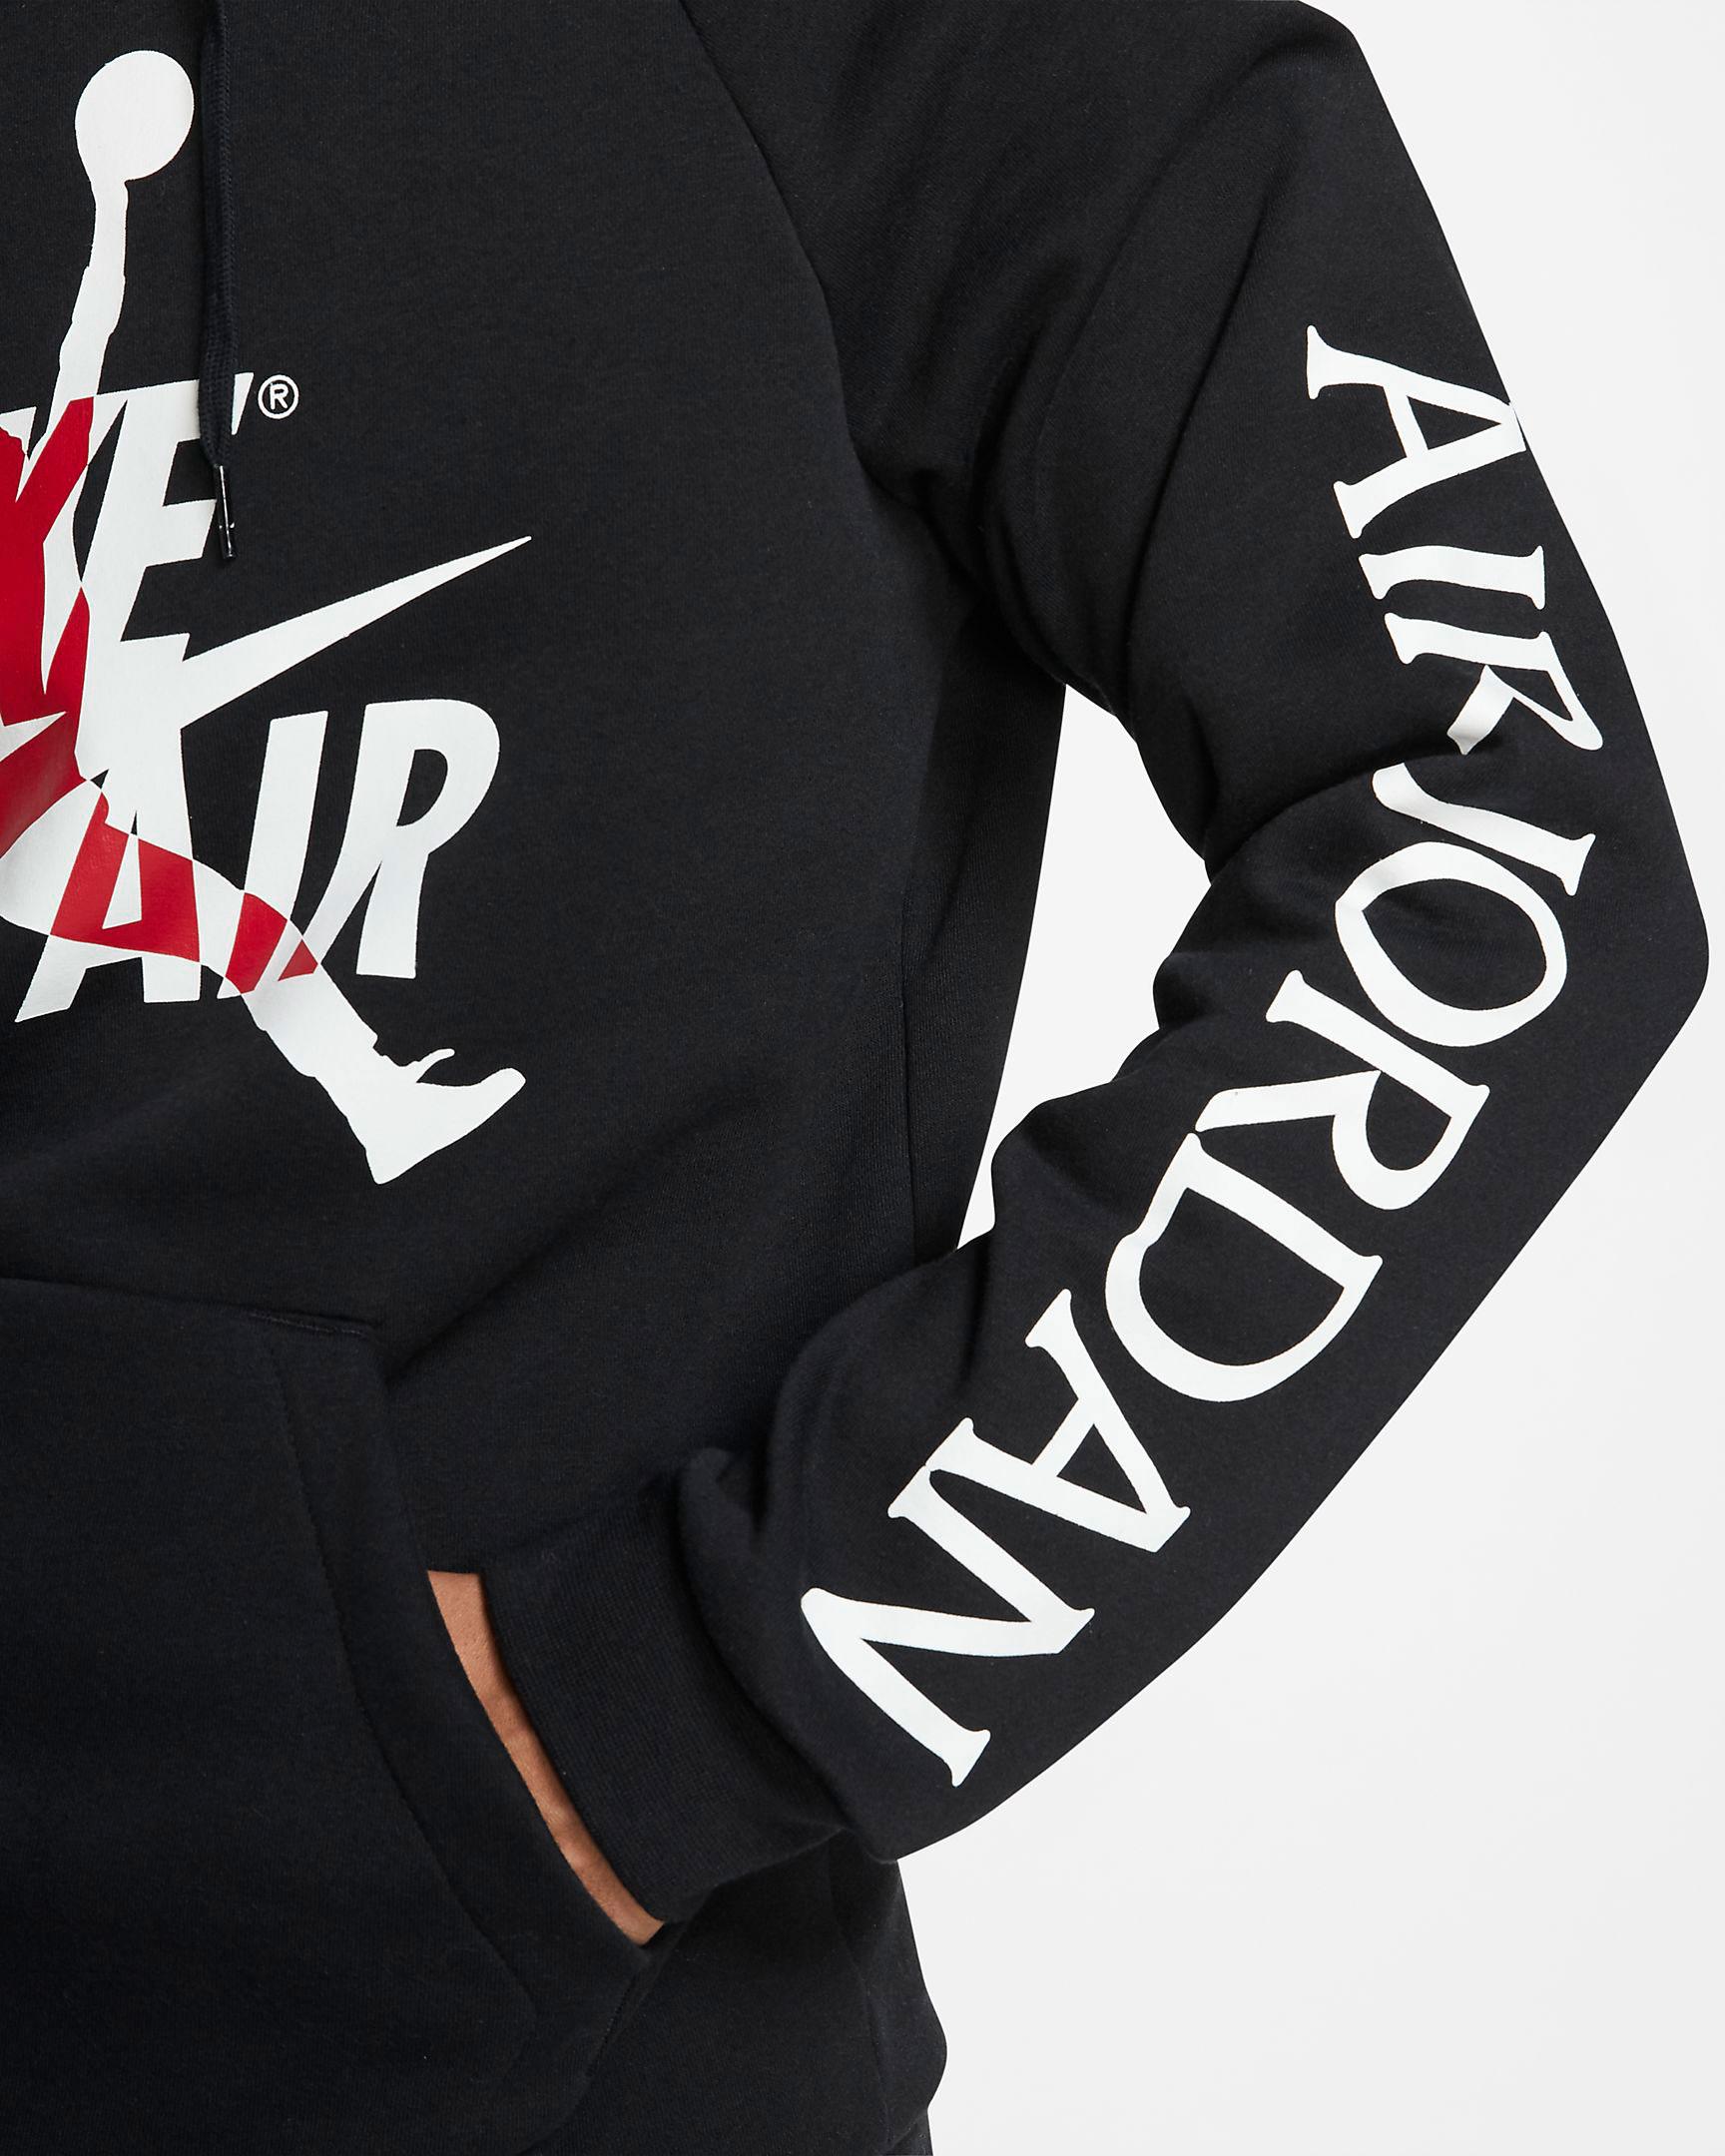 air-jordan-1-high-gym-red-black-hoodie-2